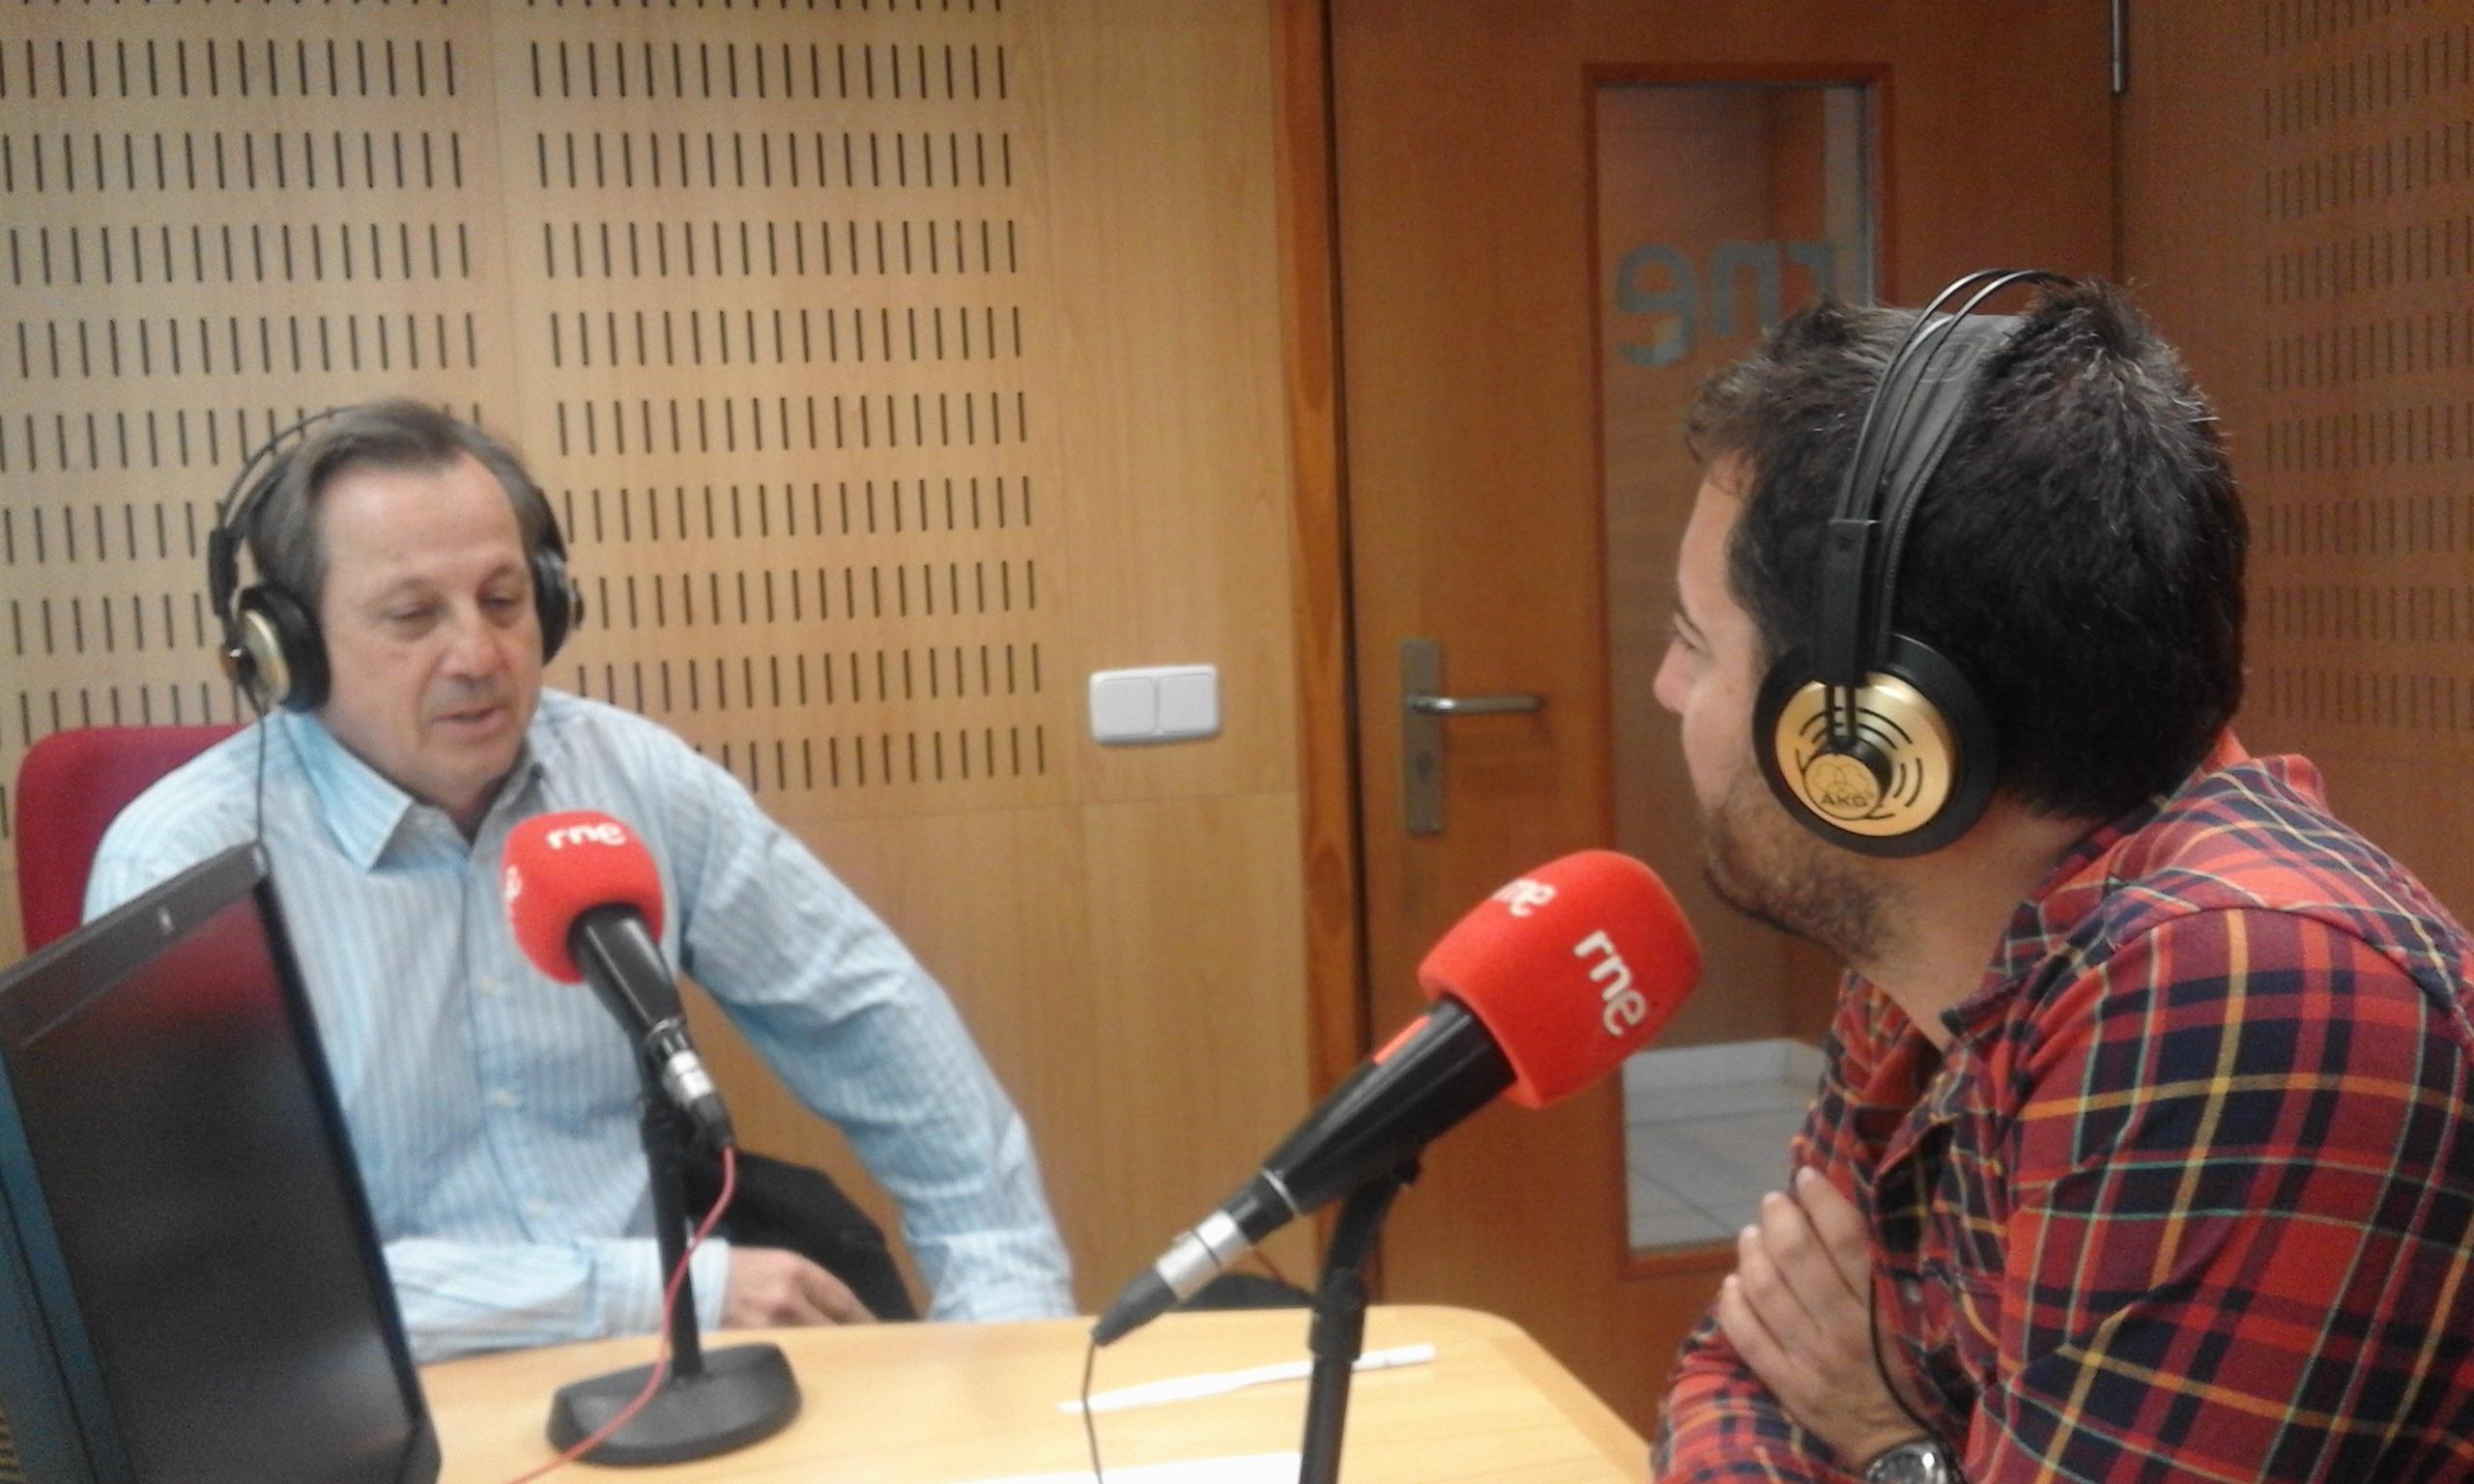 El Dr. Alfredo Amigó visita los estudios de Radio Nacional de España ...